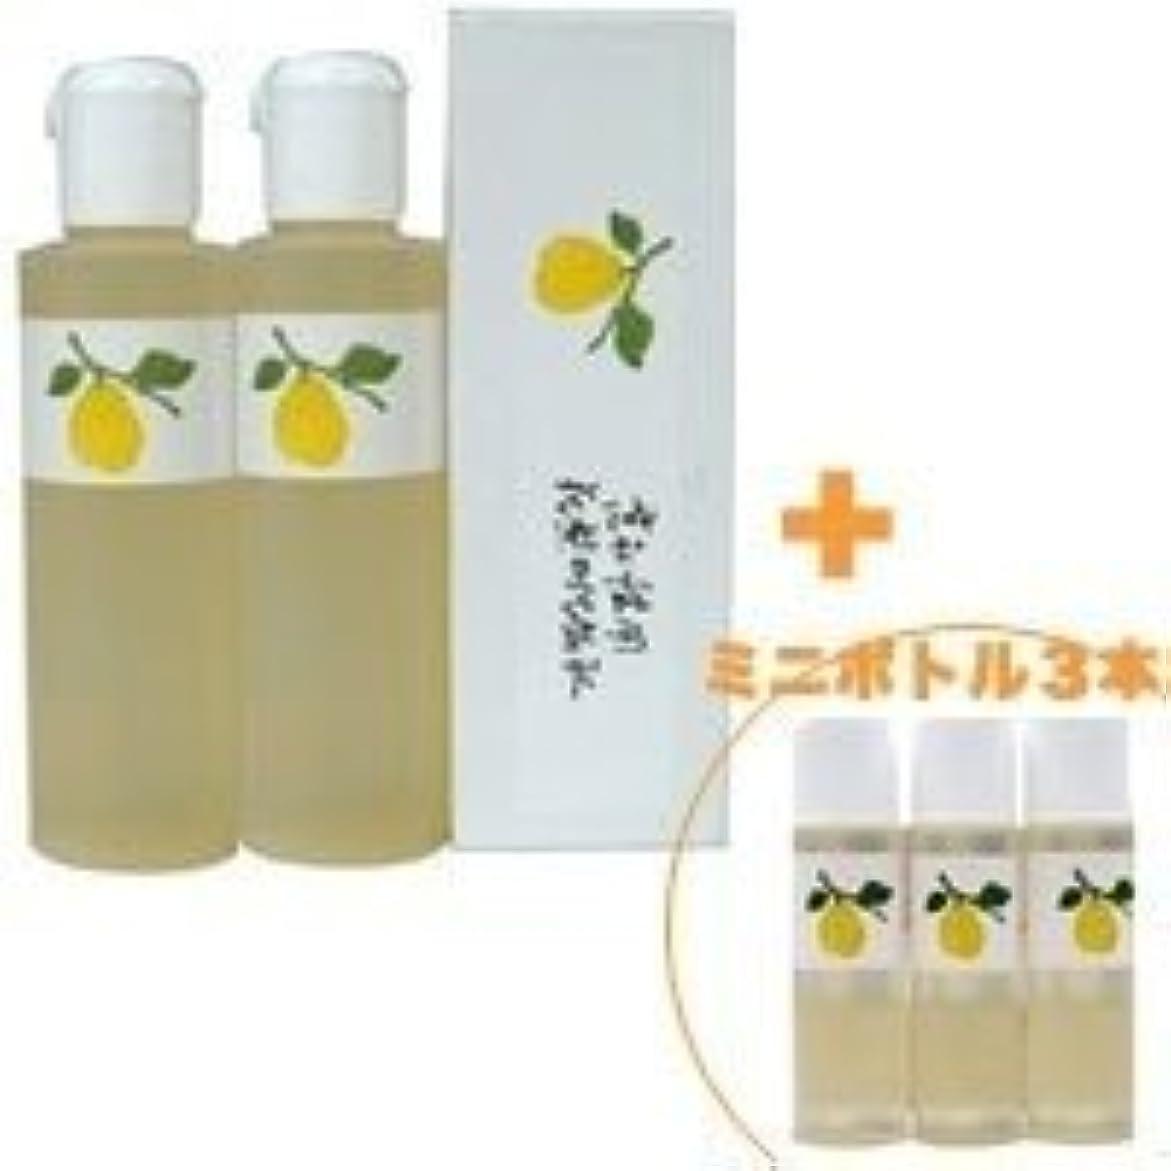 チャップリスク好奇心花梨の化粧水 200ml 2本&ミニボトル 3本 美容液 栄養クリームのいらないお肌へ 保湿と乾燥対策に